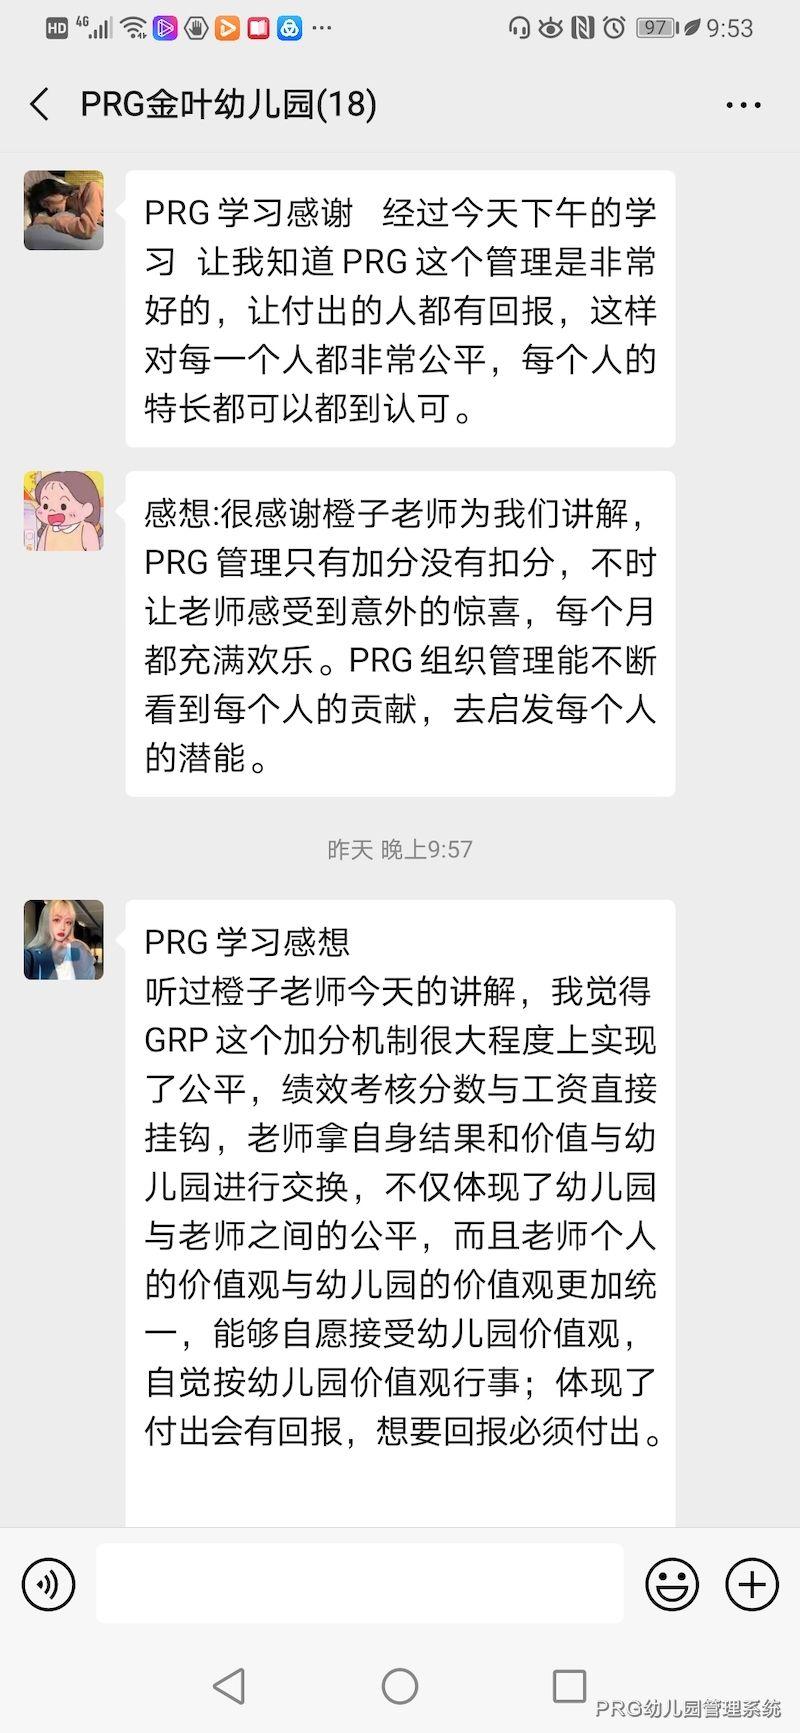 阜阳市金叶幼儿园PRG<a href=https://www.xiaoxianprg.com/ target=_blank class=infotextkey>幼儿园管理系统</a>学习